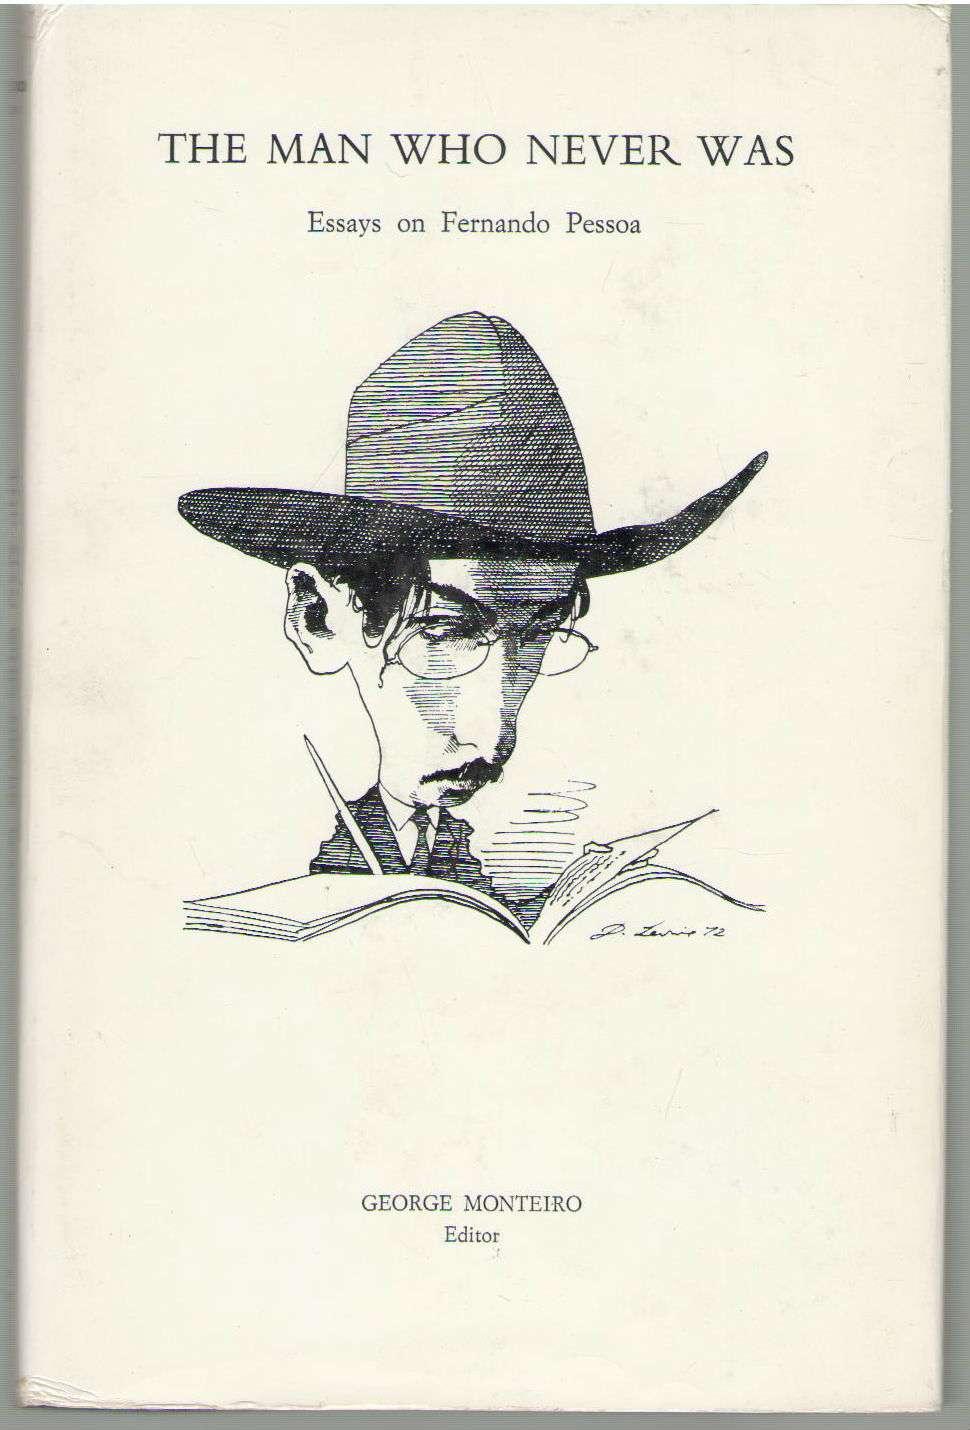 Man Who Never Was: Essays on Fernando Pessoa